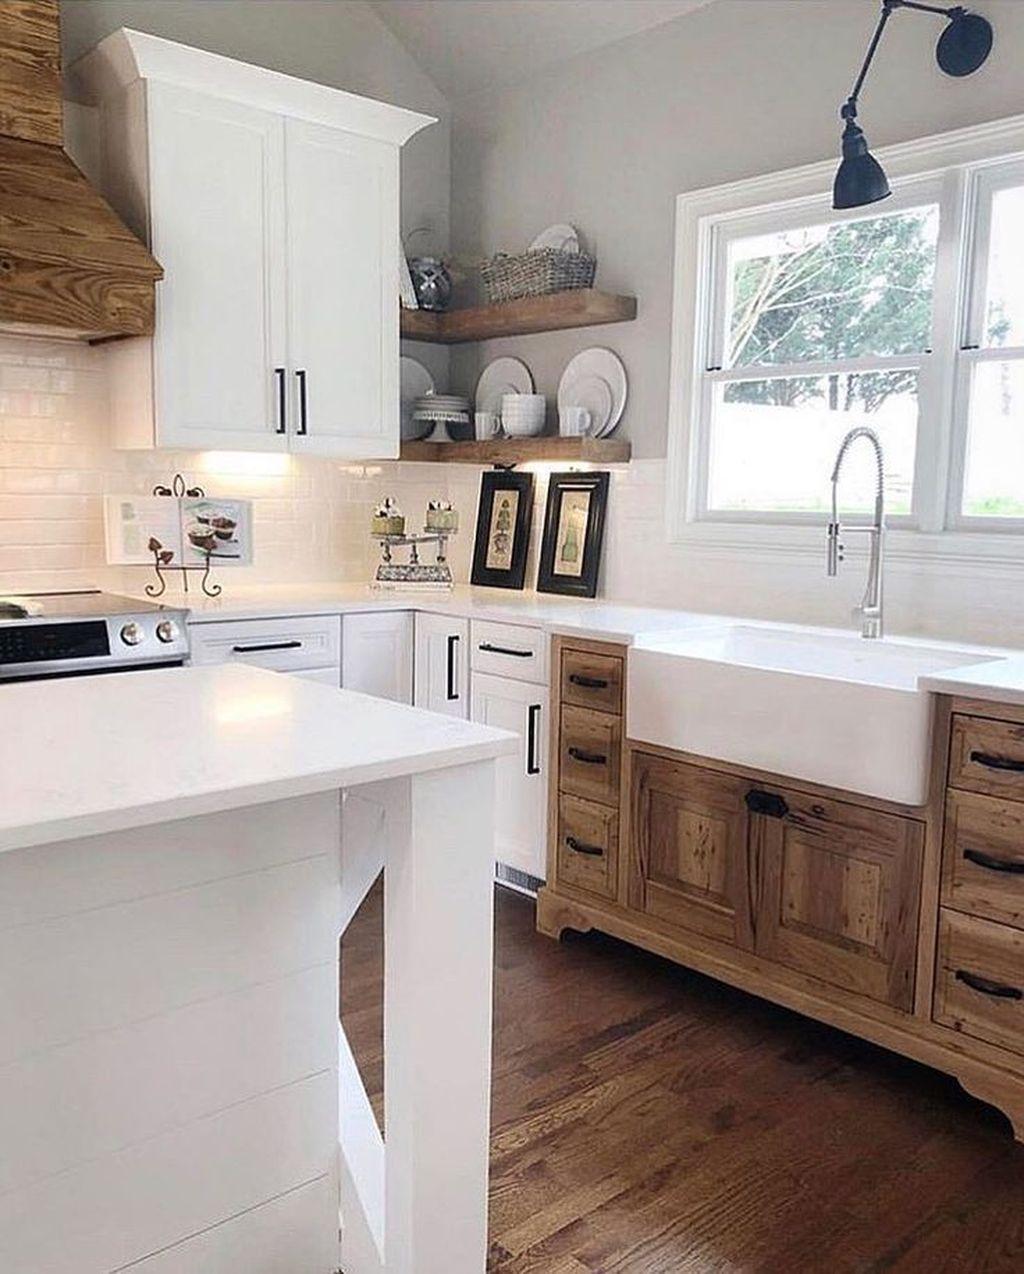 51 Favorite Farmhouse Kitchen Design Ideas